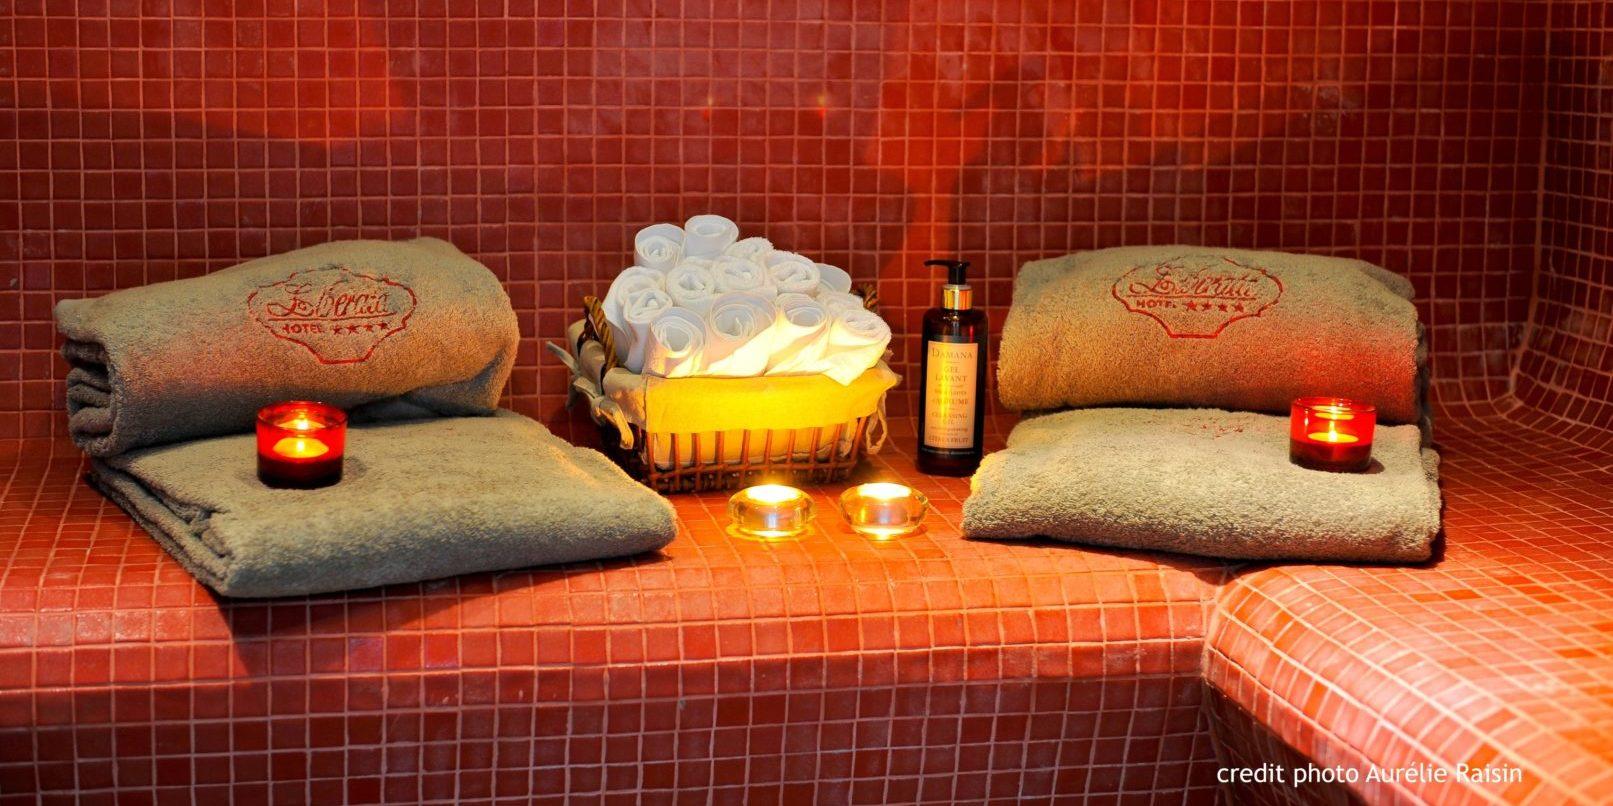 Boutique Hotel Liberata Ile Rousse Balagne Corsica Frankrijk spa hamam handdoeken (2)